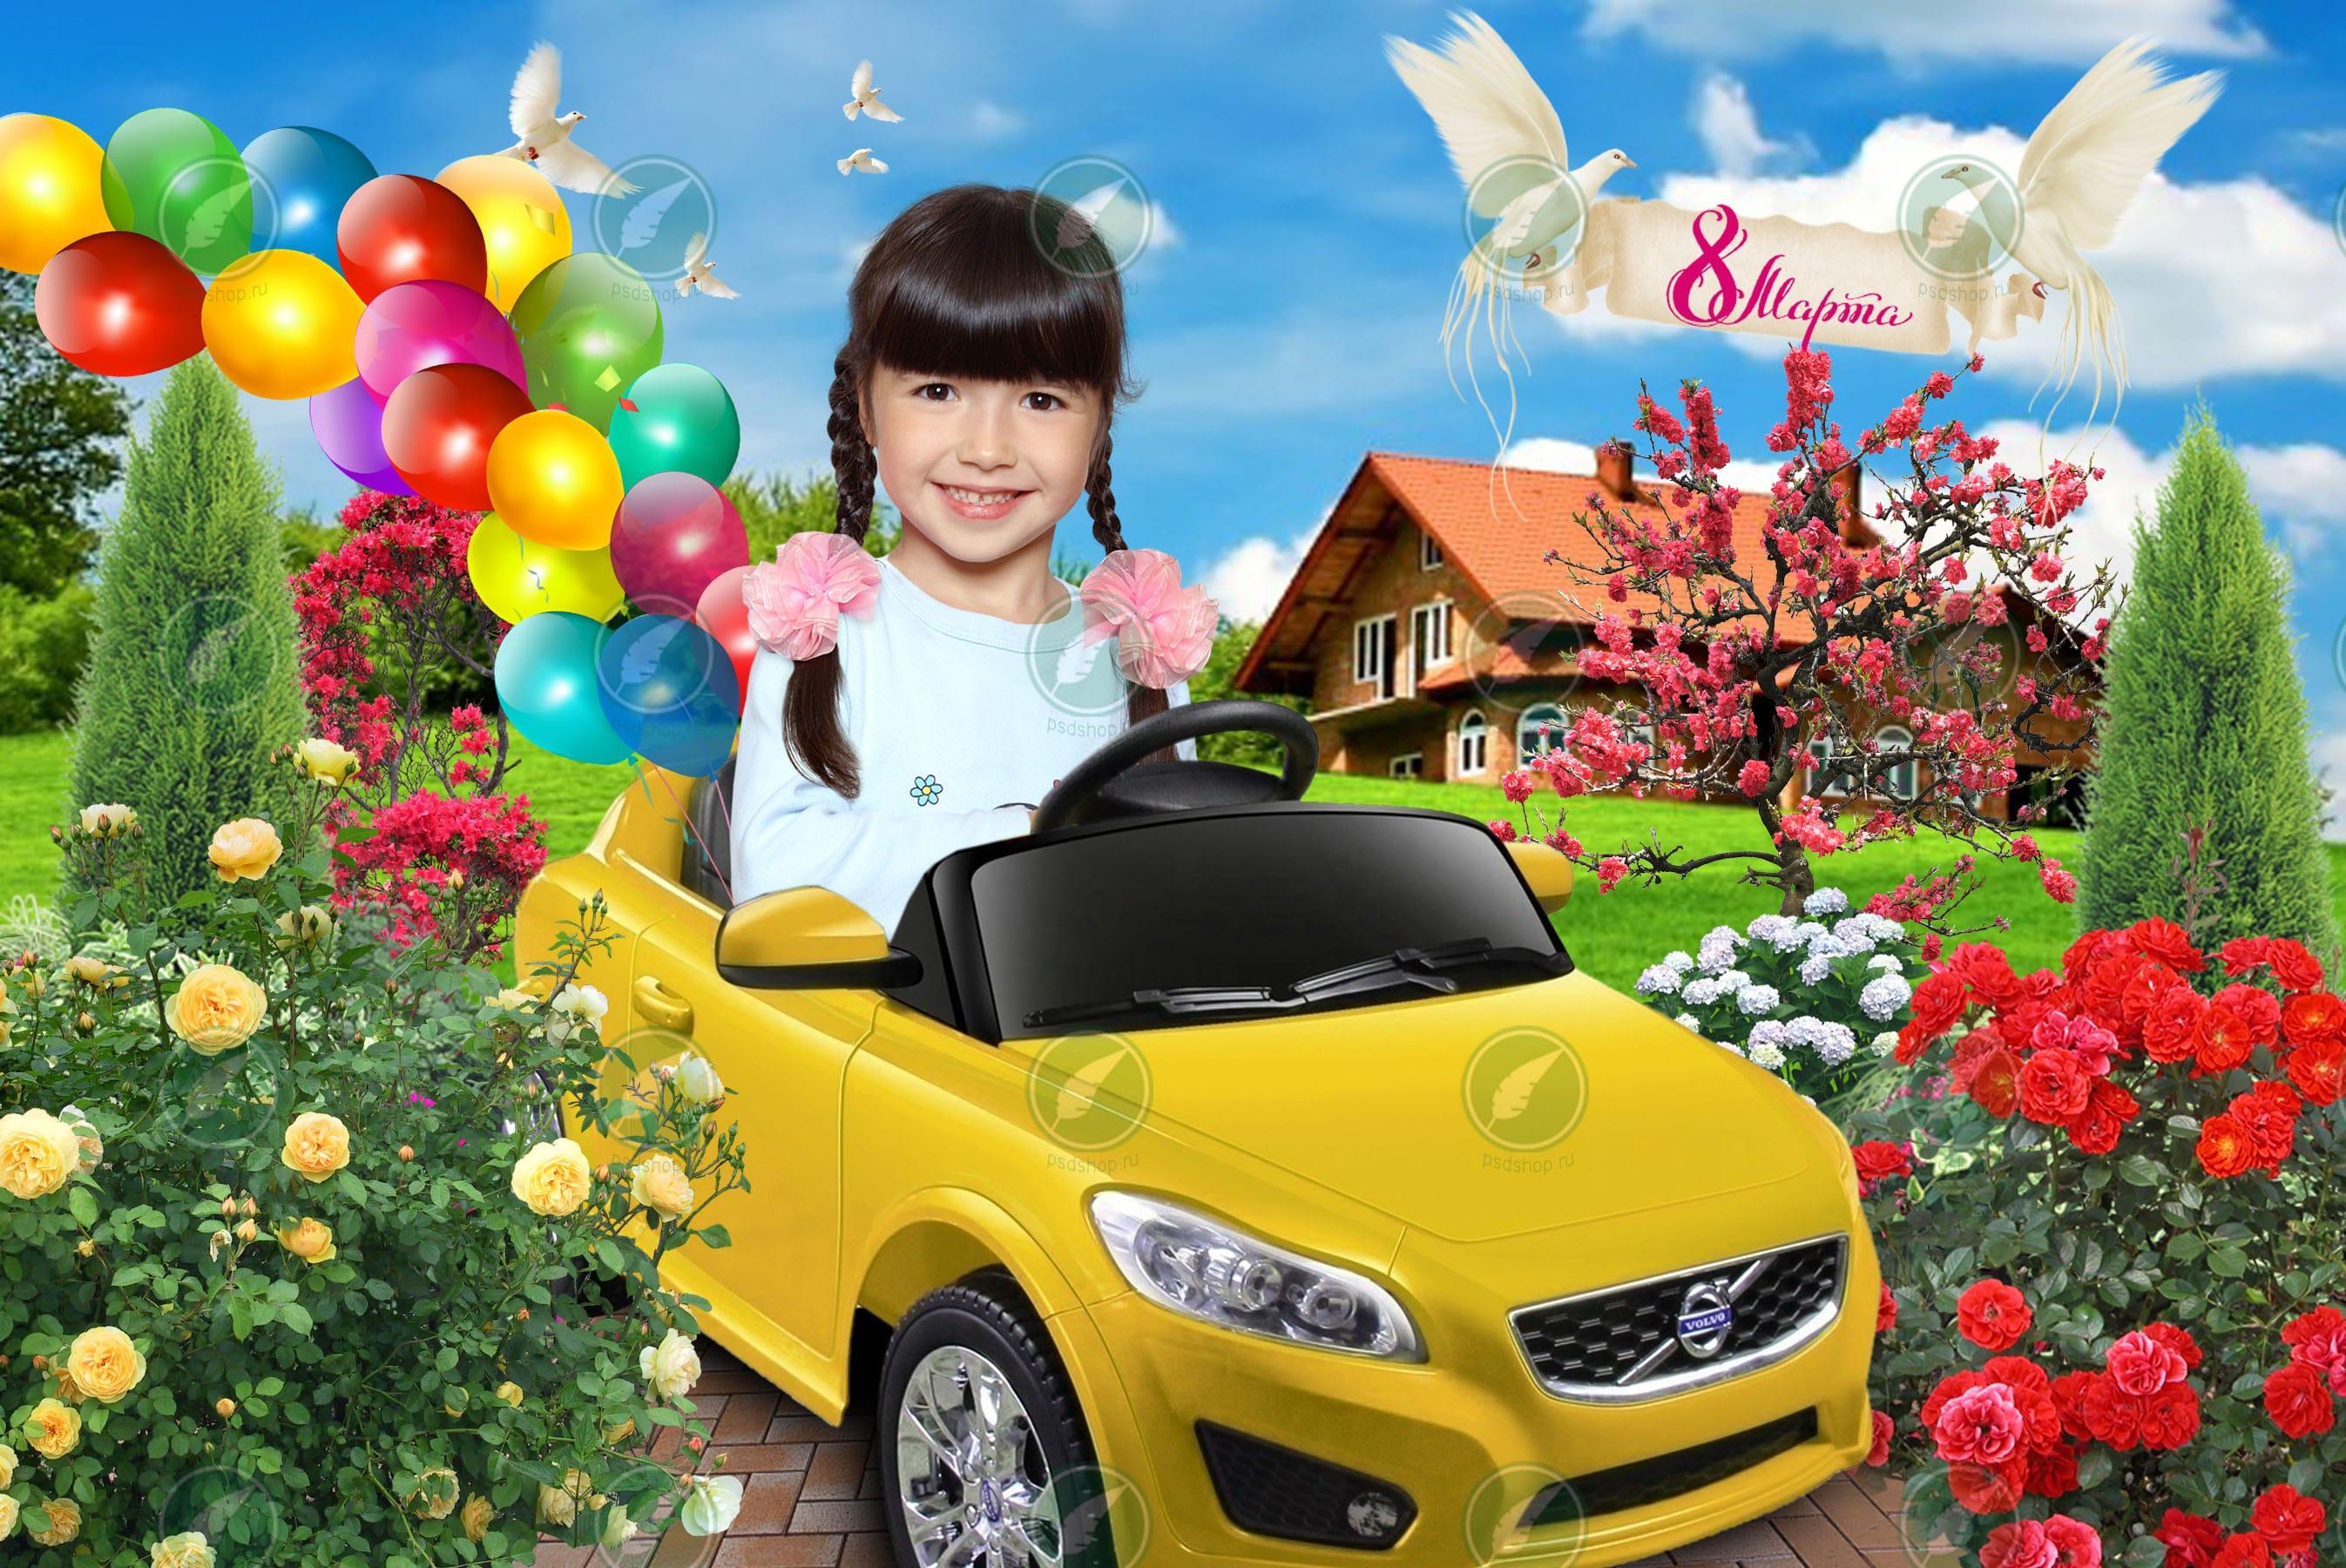 Девочка и желтый кабриолет